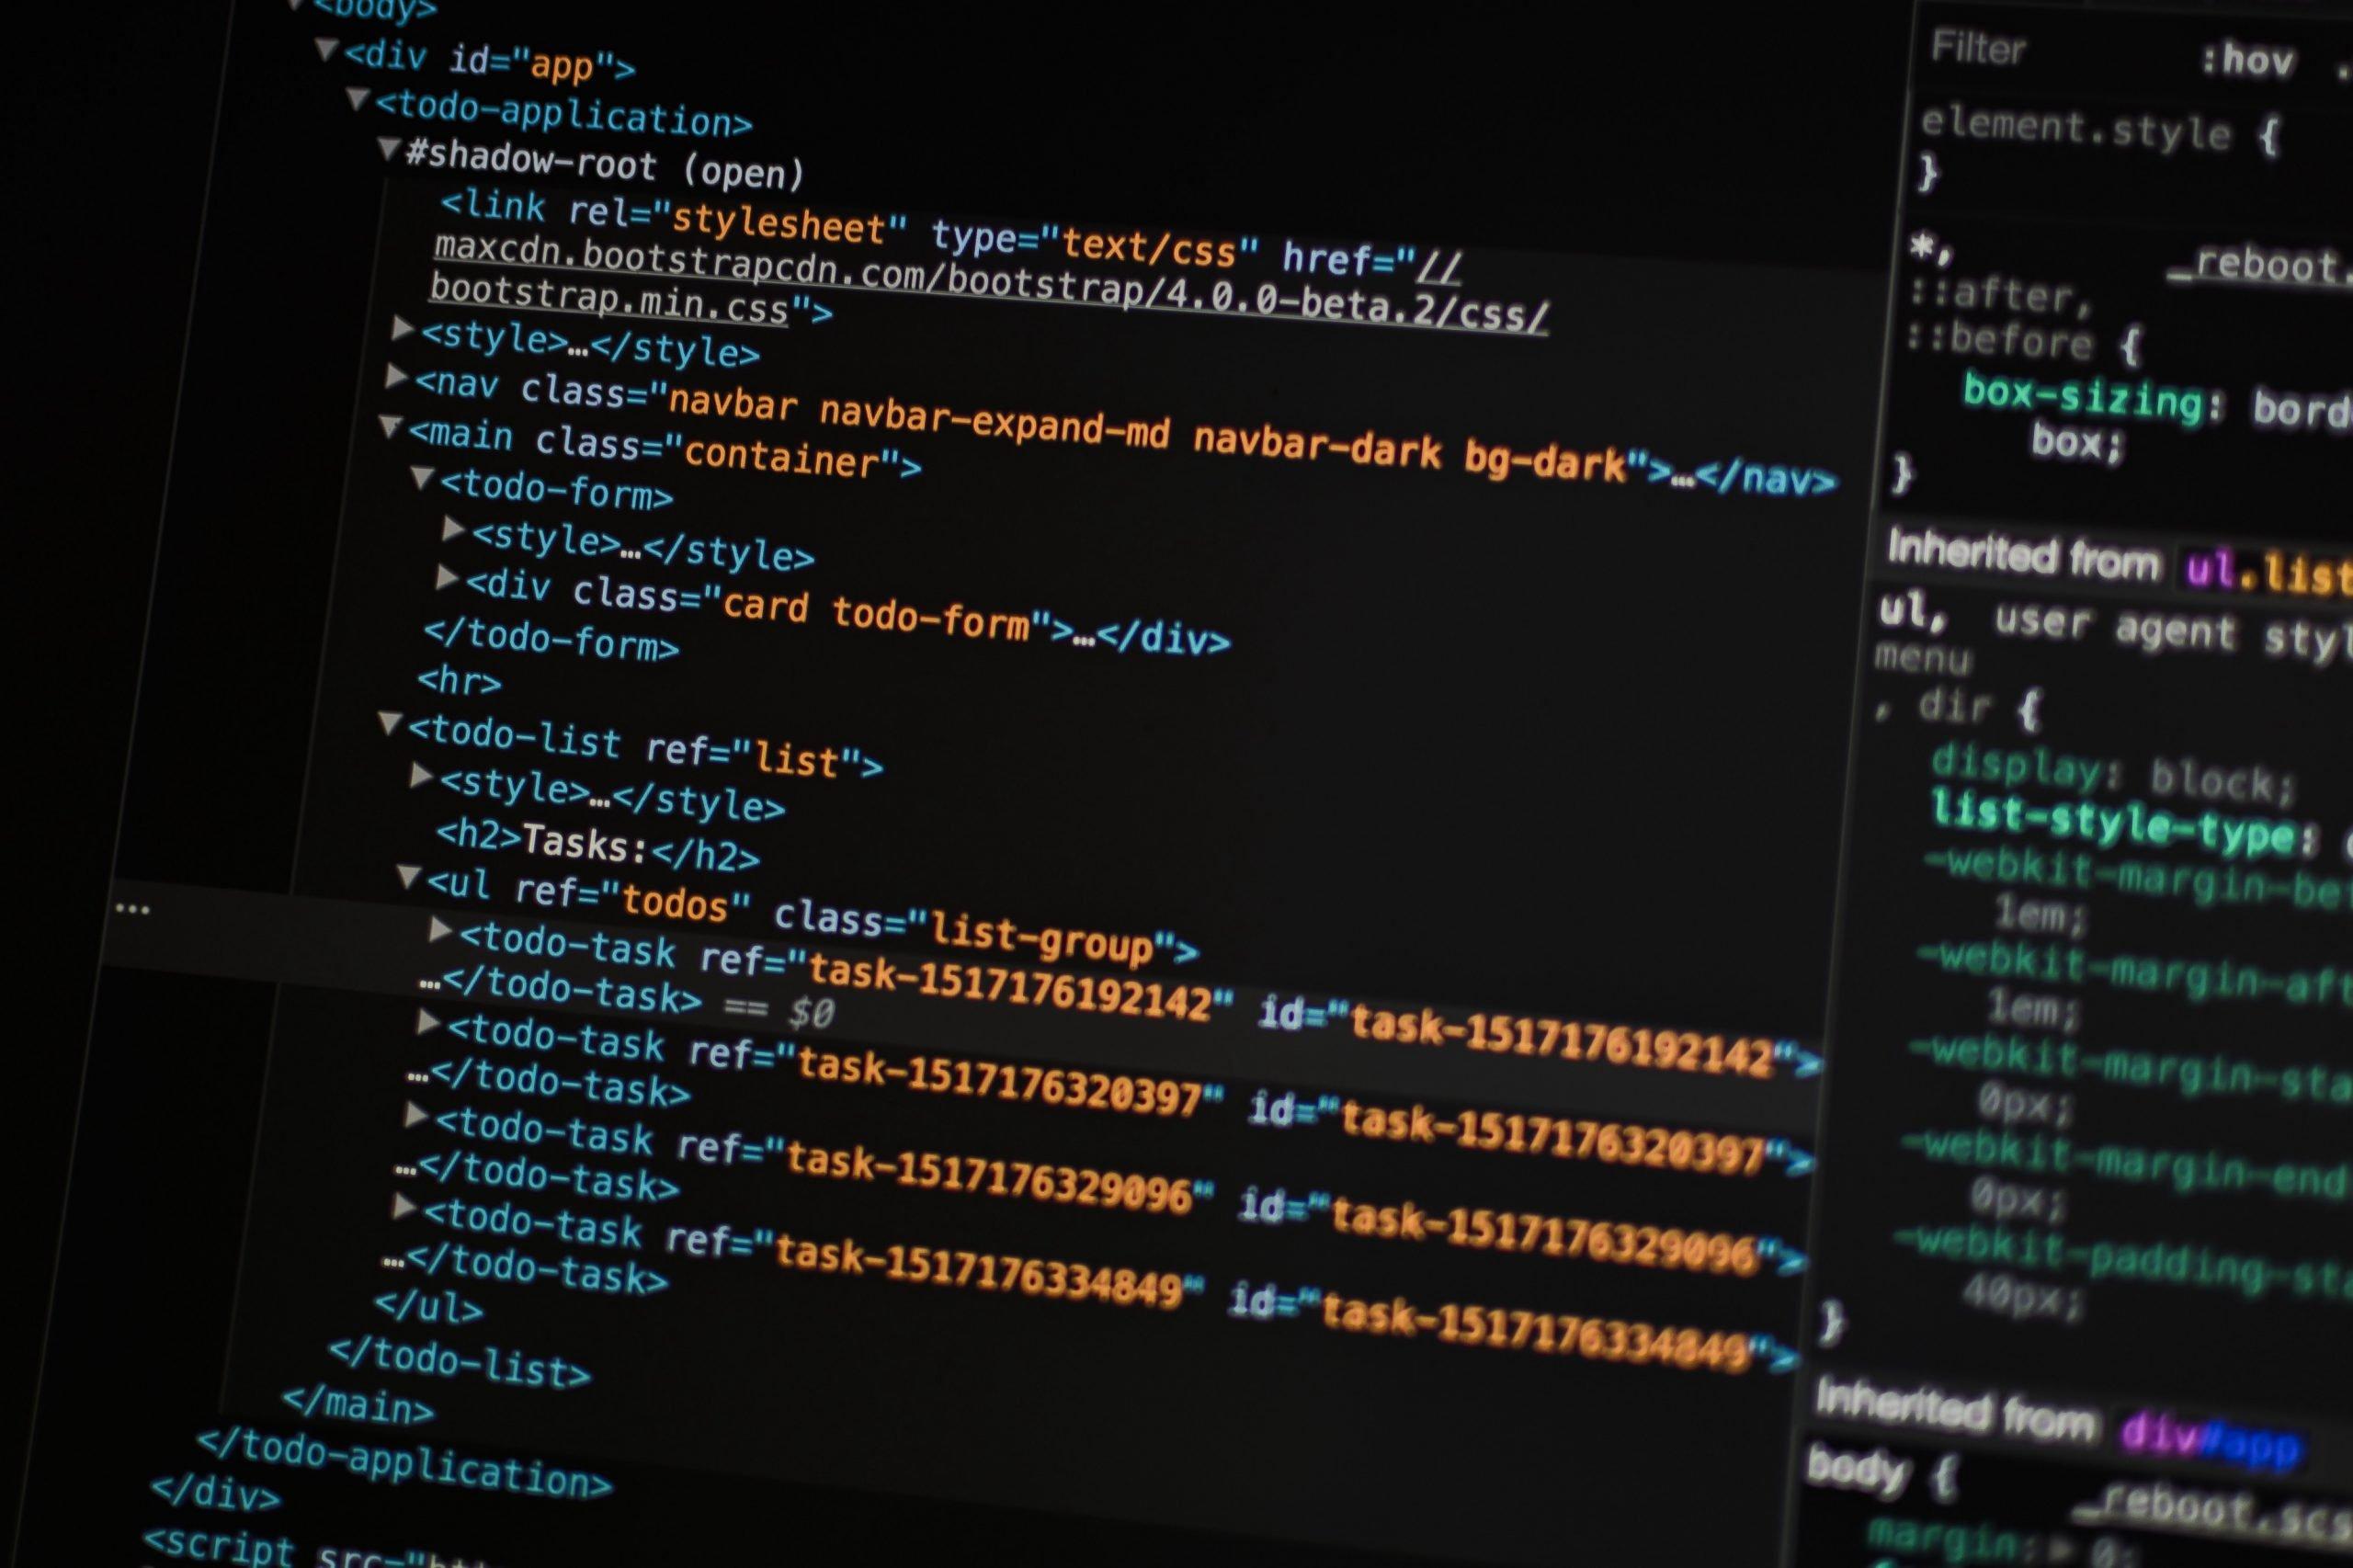 افضل شركة لتصميم وبرمجة تطبيقات الويب في مصر 2 CodeShip